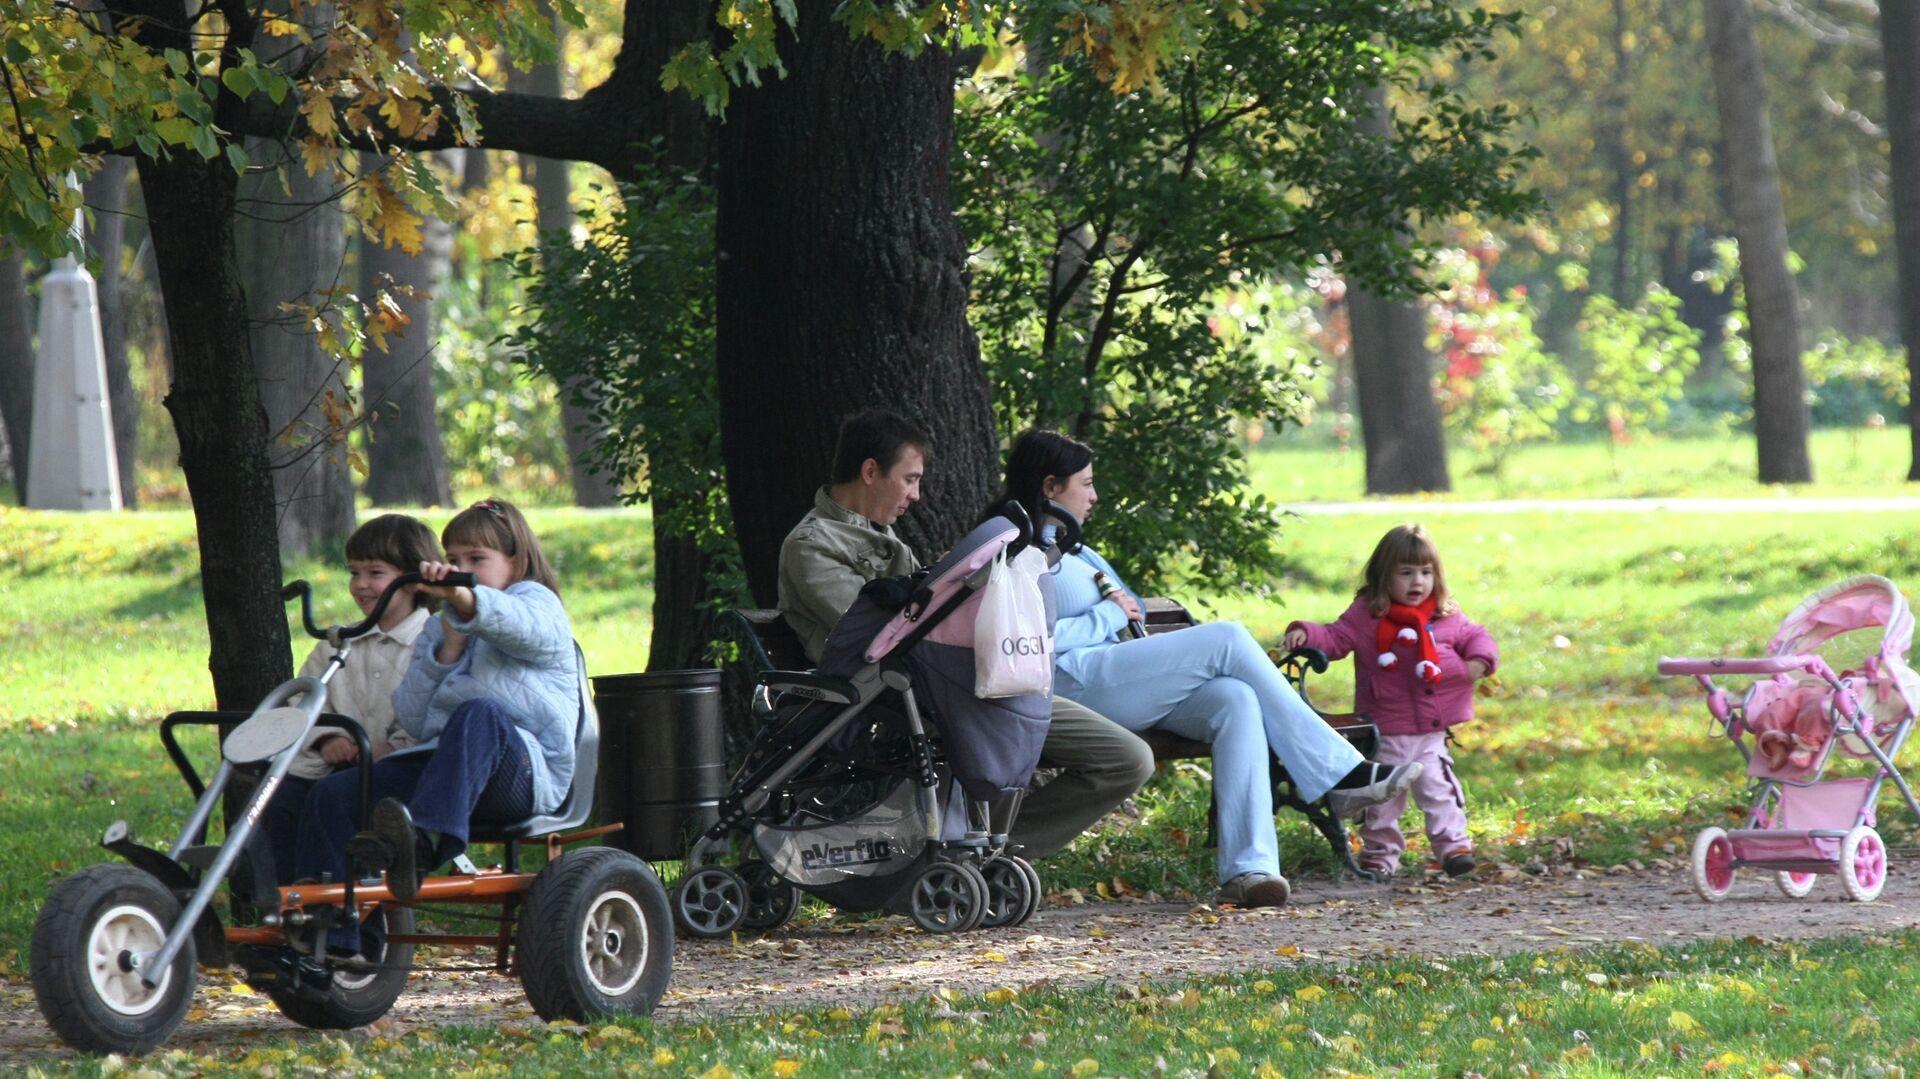 Родители с детьми гуляют в парке - Sputnik Аҧсны, 1920, 12.09.2021